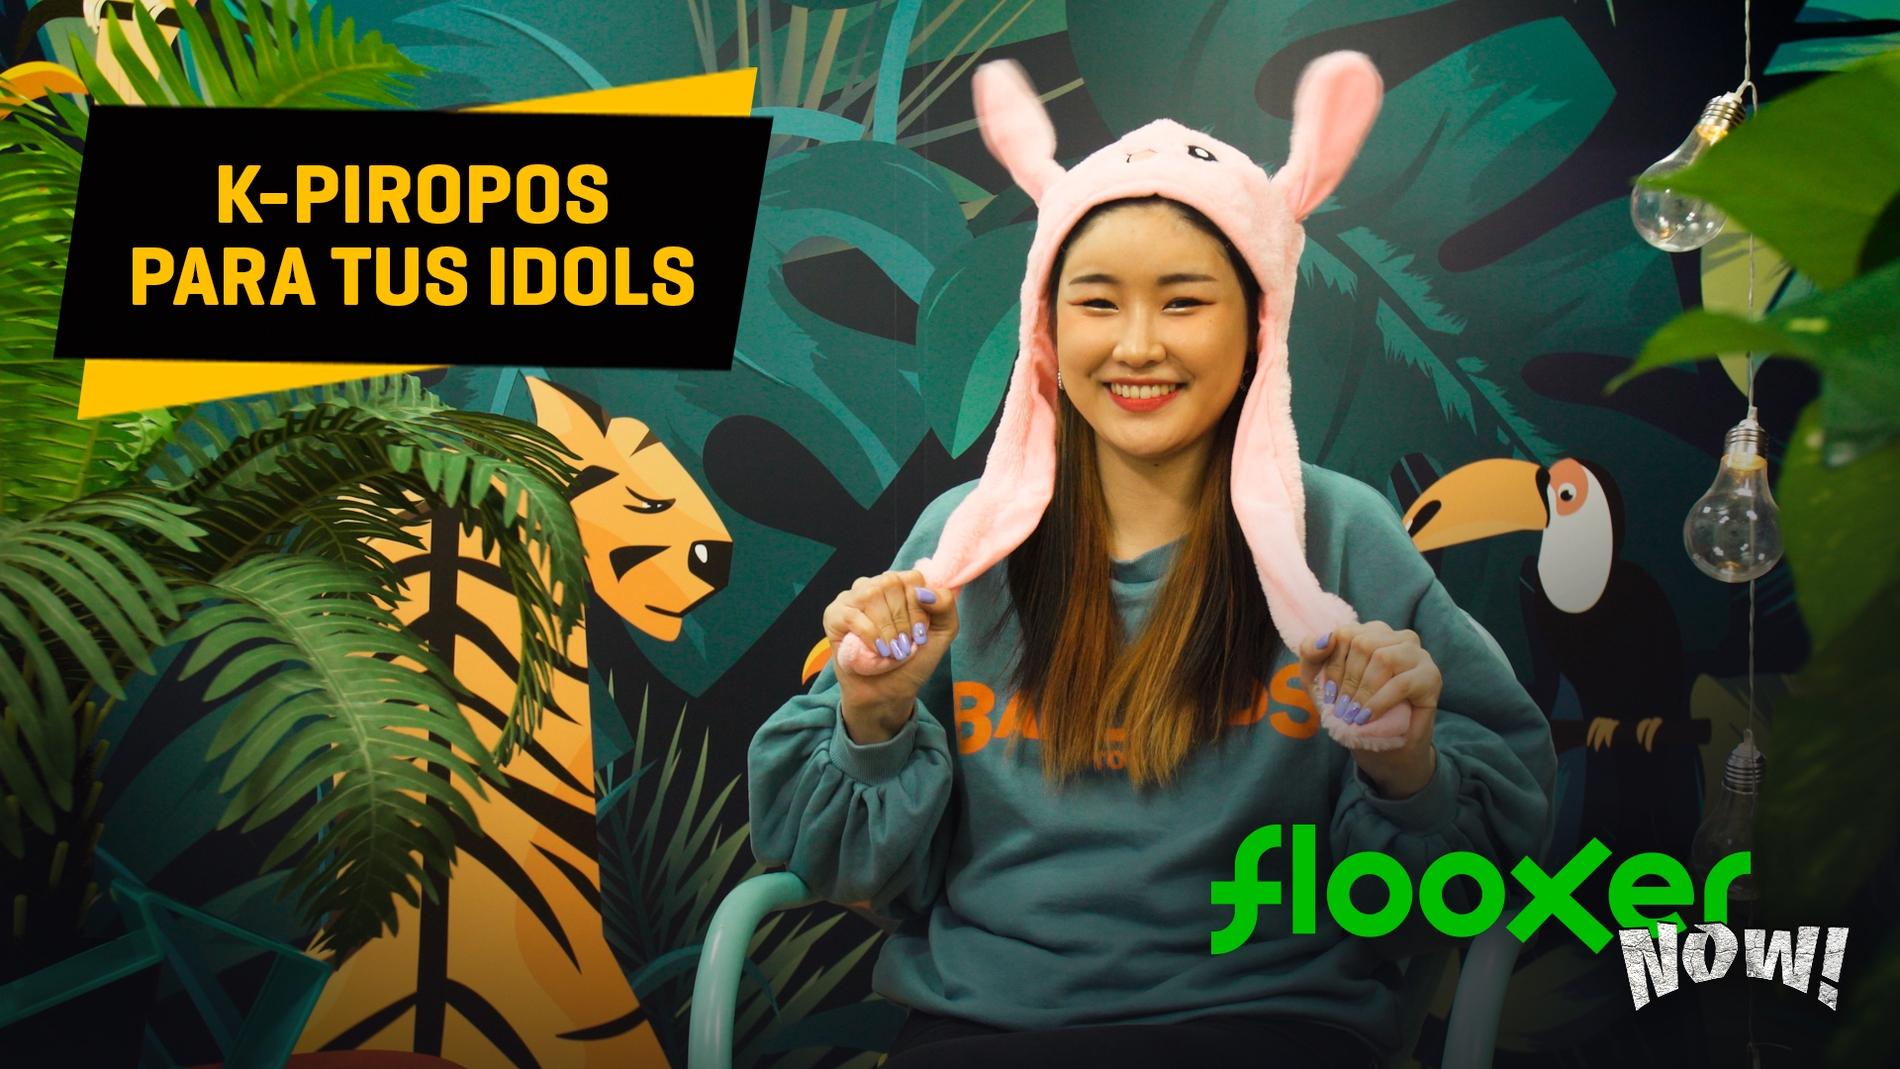 Piropos para tus Idols K-pop